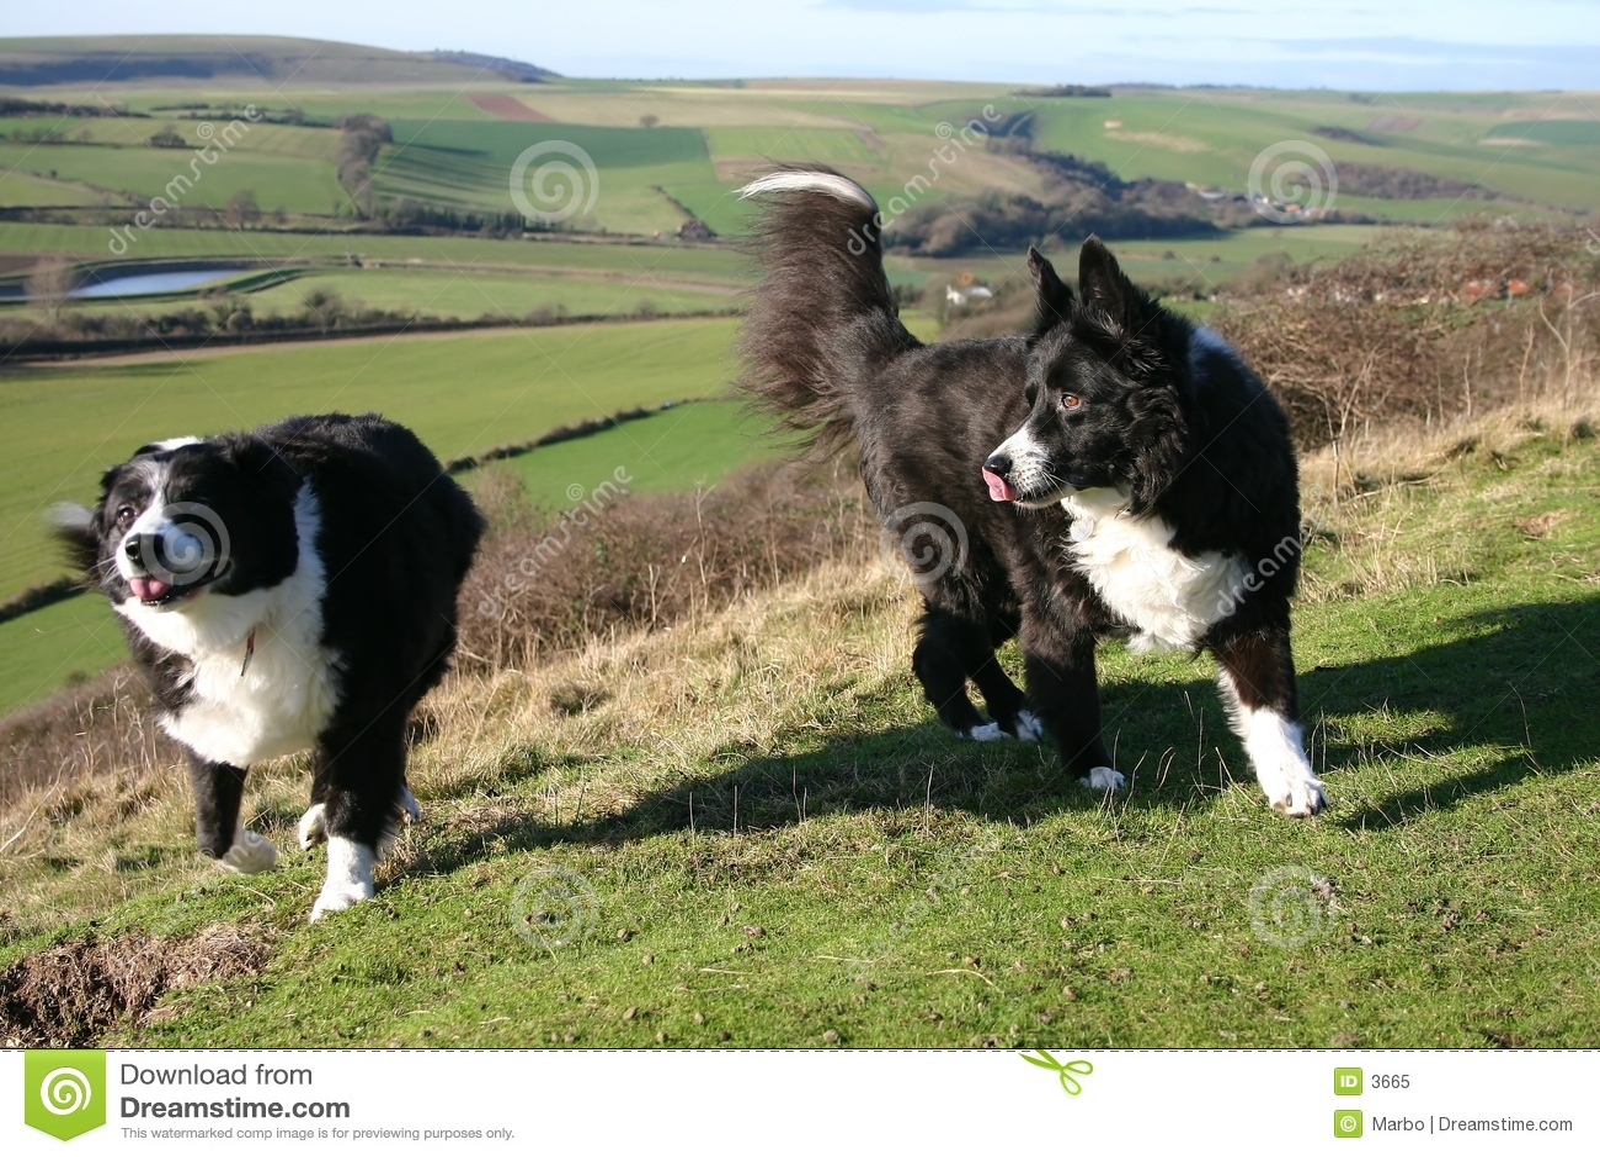 Sheep dogs